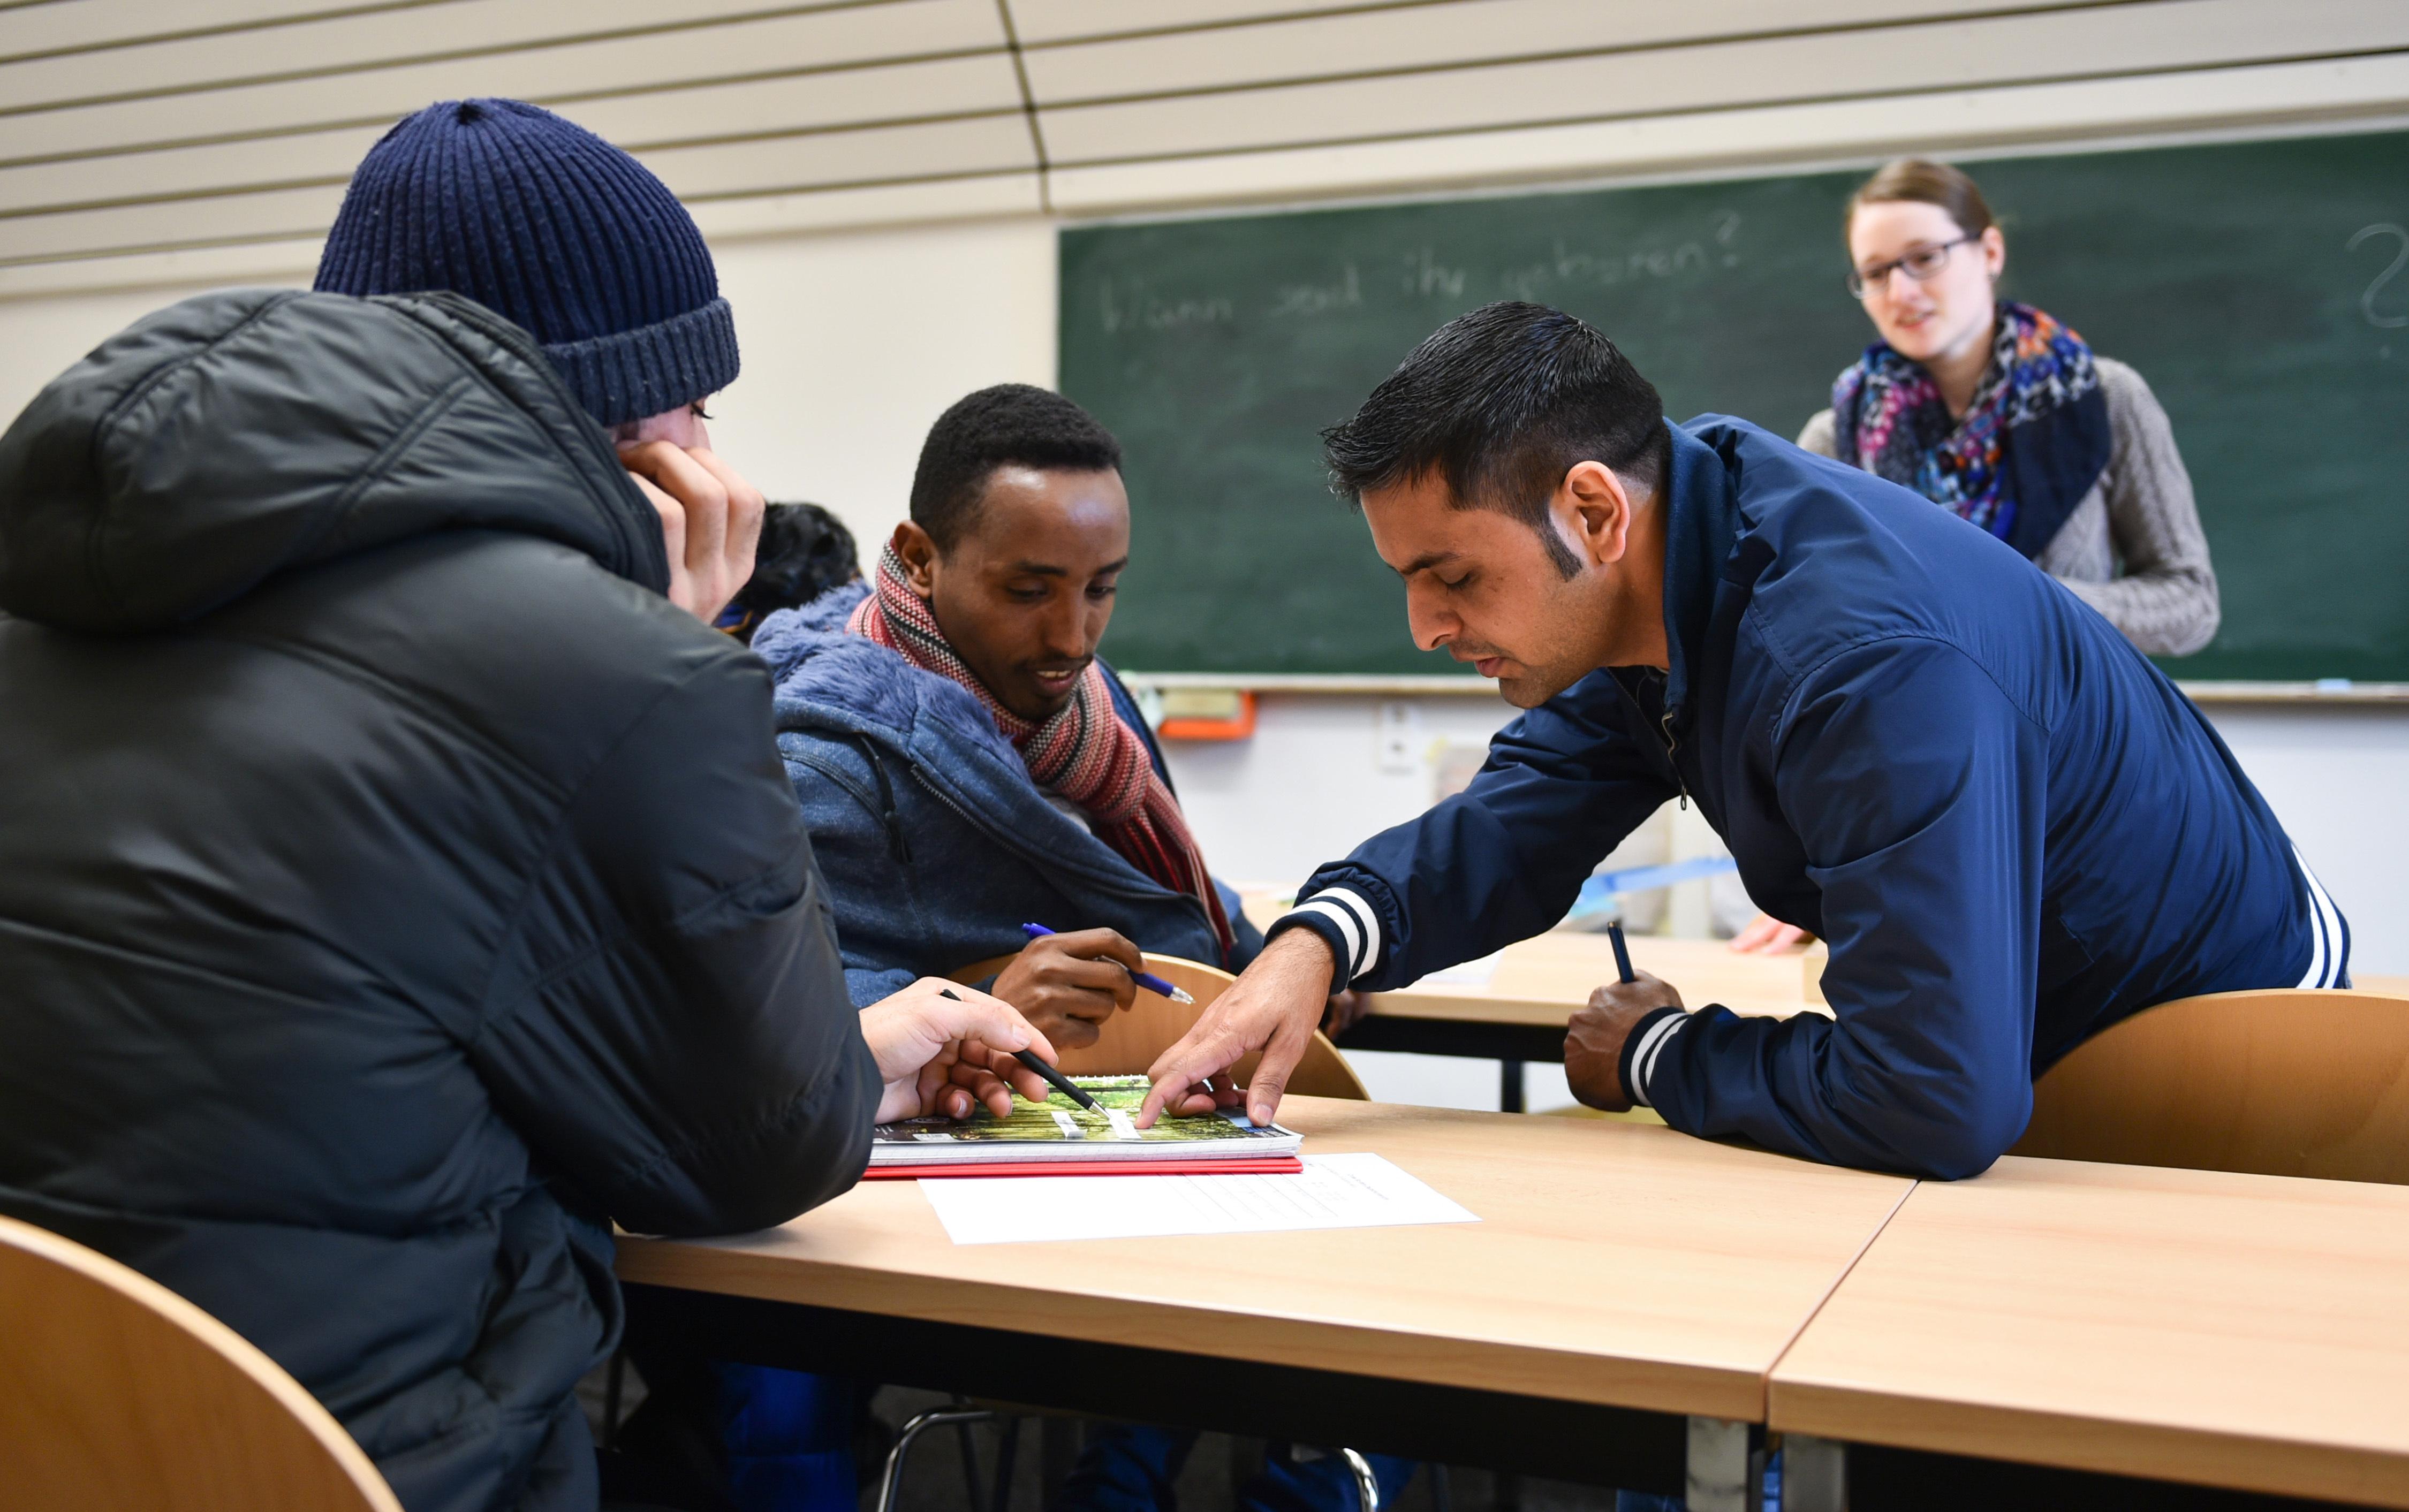 Беженцы на курсах немецкого языка, организованных студенческой инициативой Crossborders.